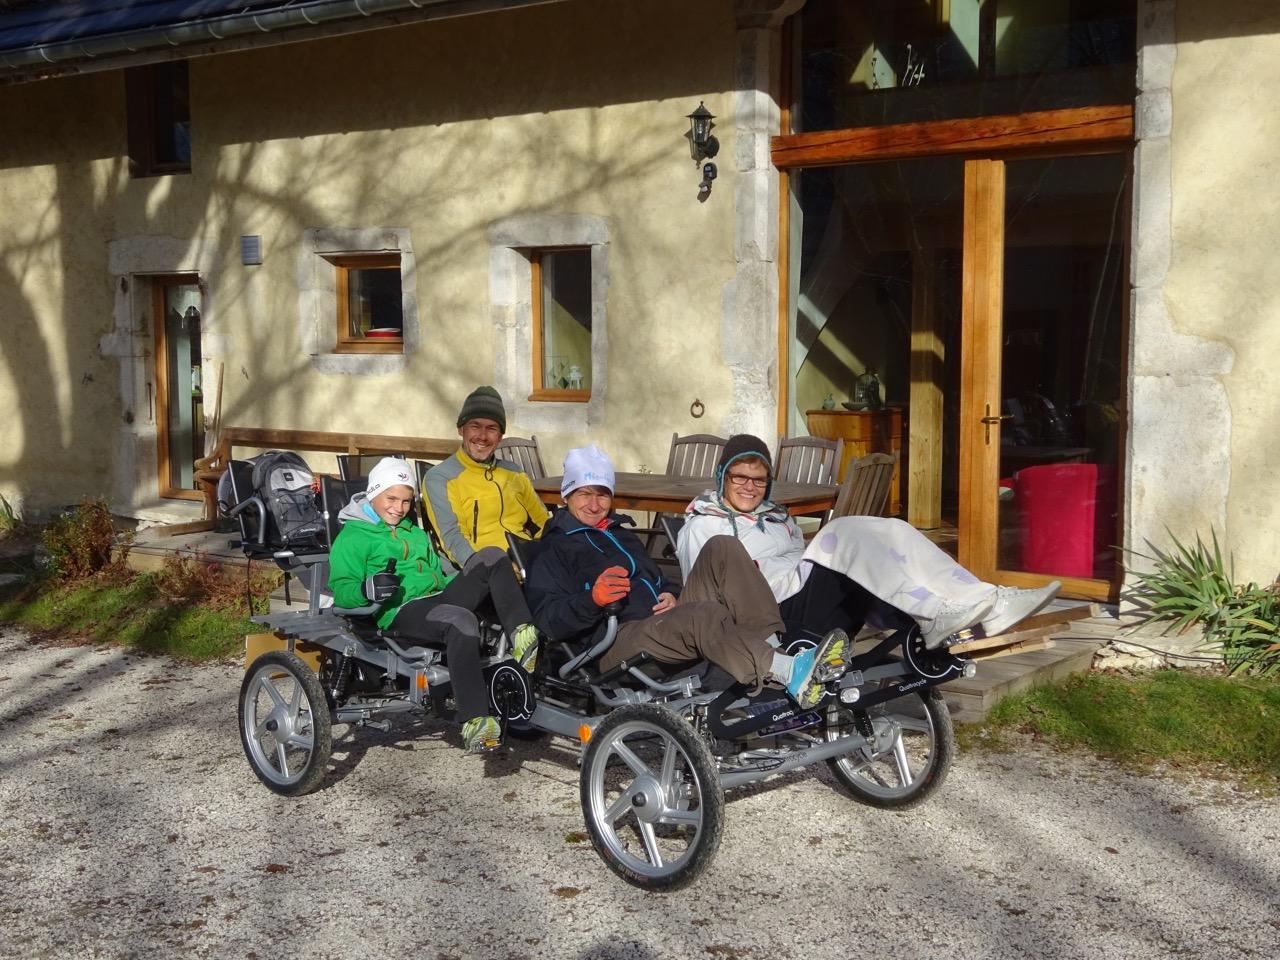 Quattrocycle devant La Couve